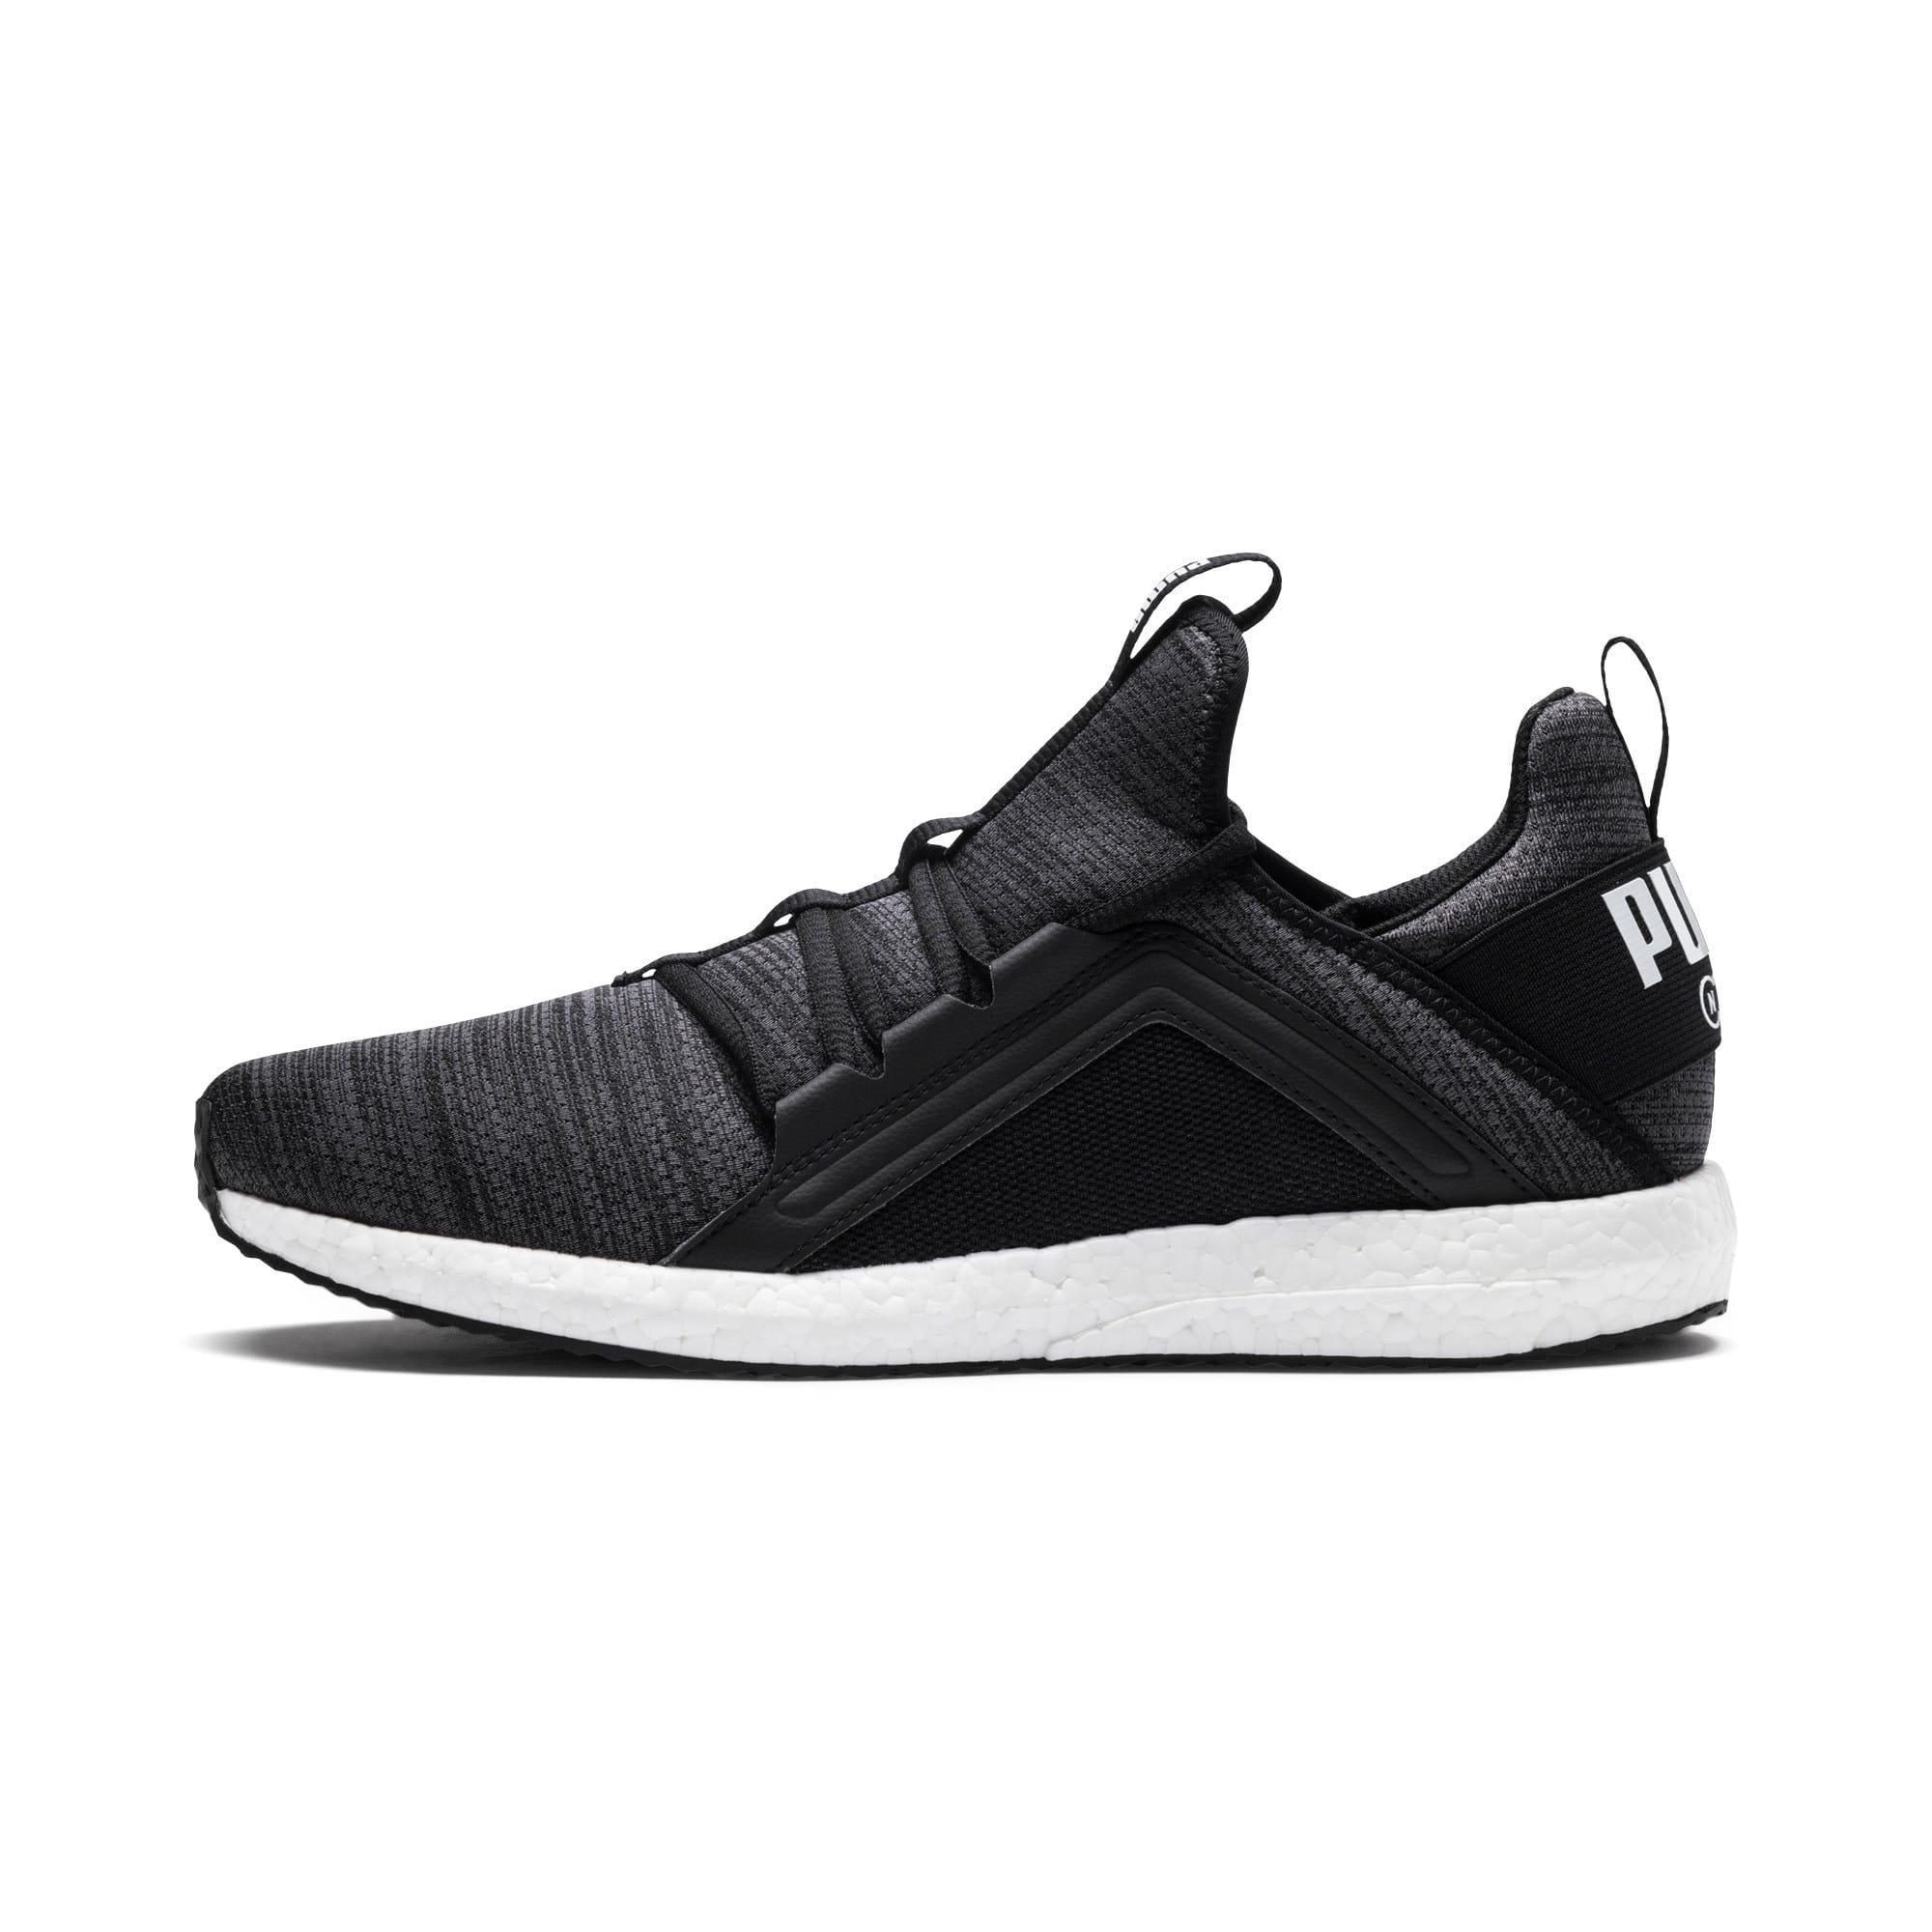 Miniatura 1 de Zapatos para correr Mega NRGY  Heather Knit para hombre, Puma Black-Iron Gate-Blanco, mediano